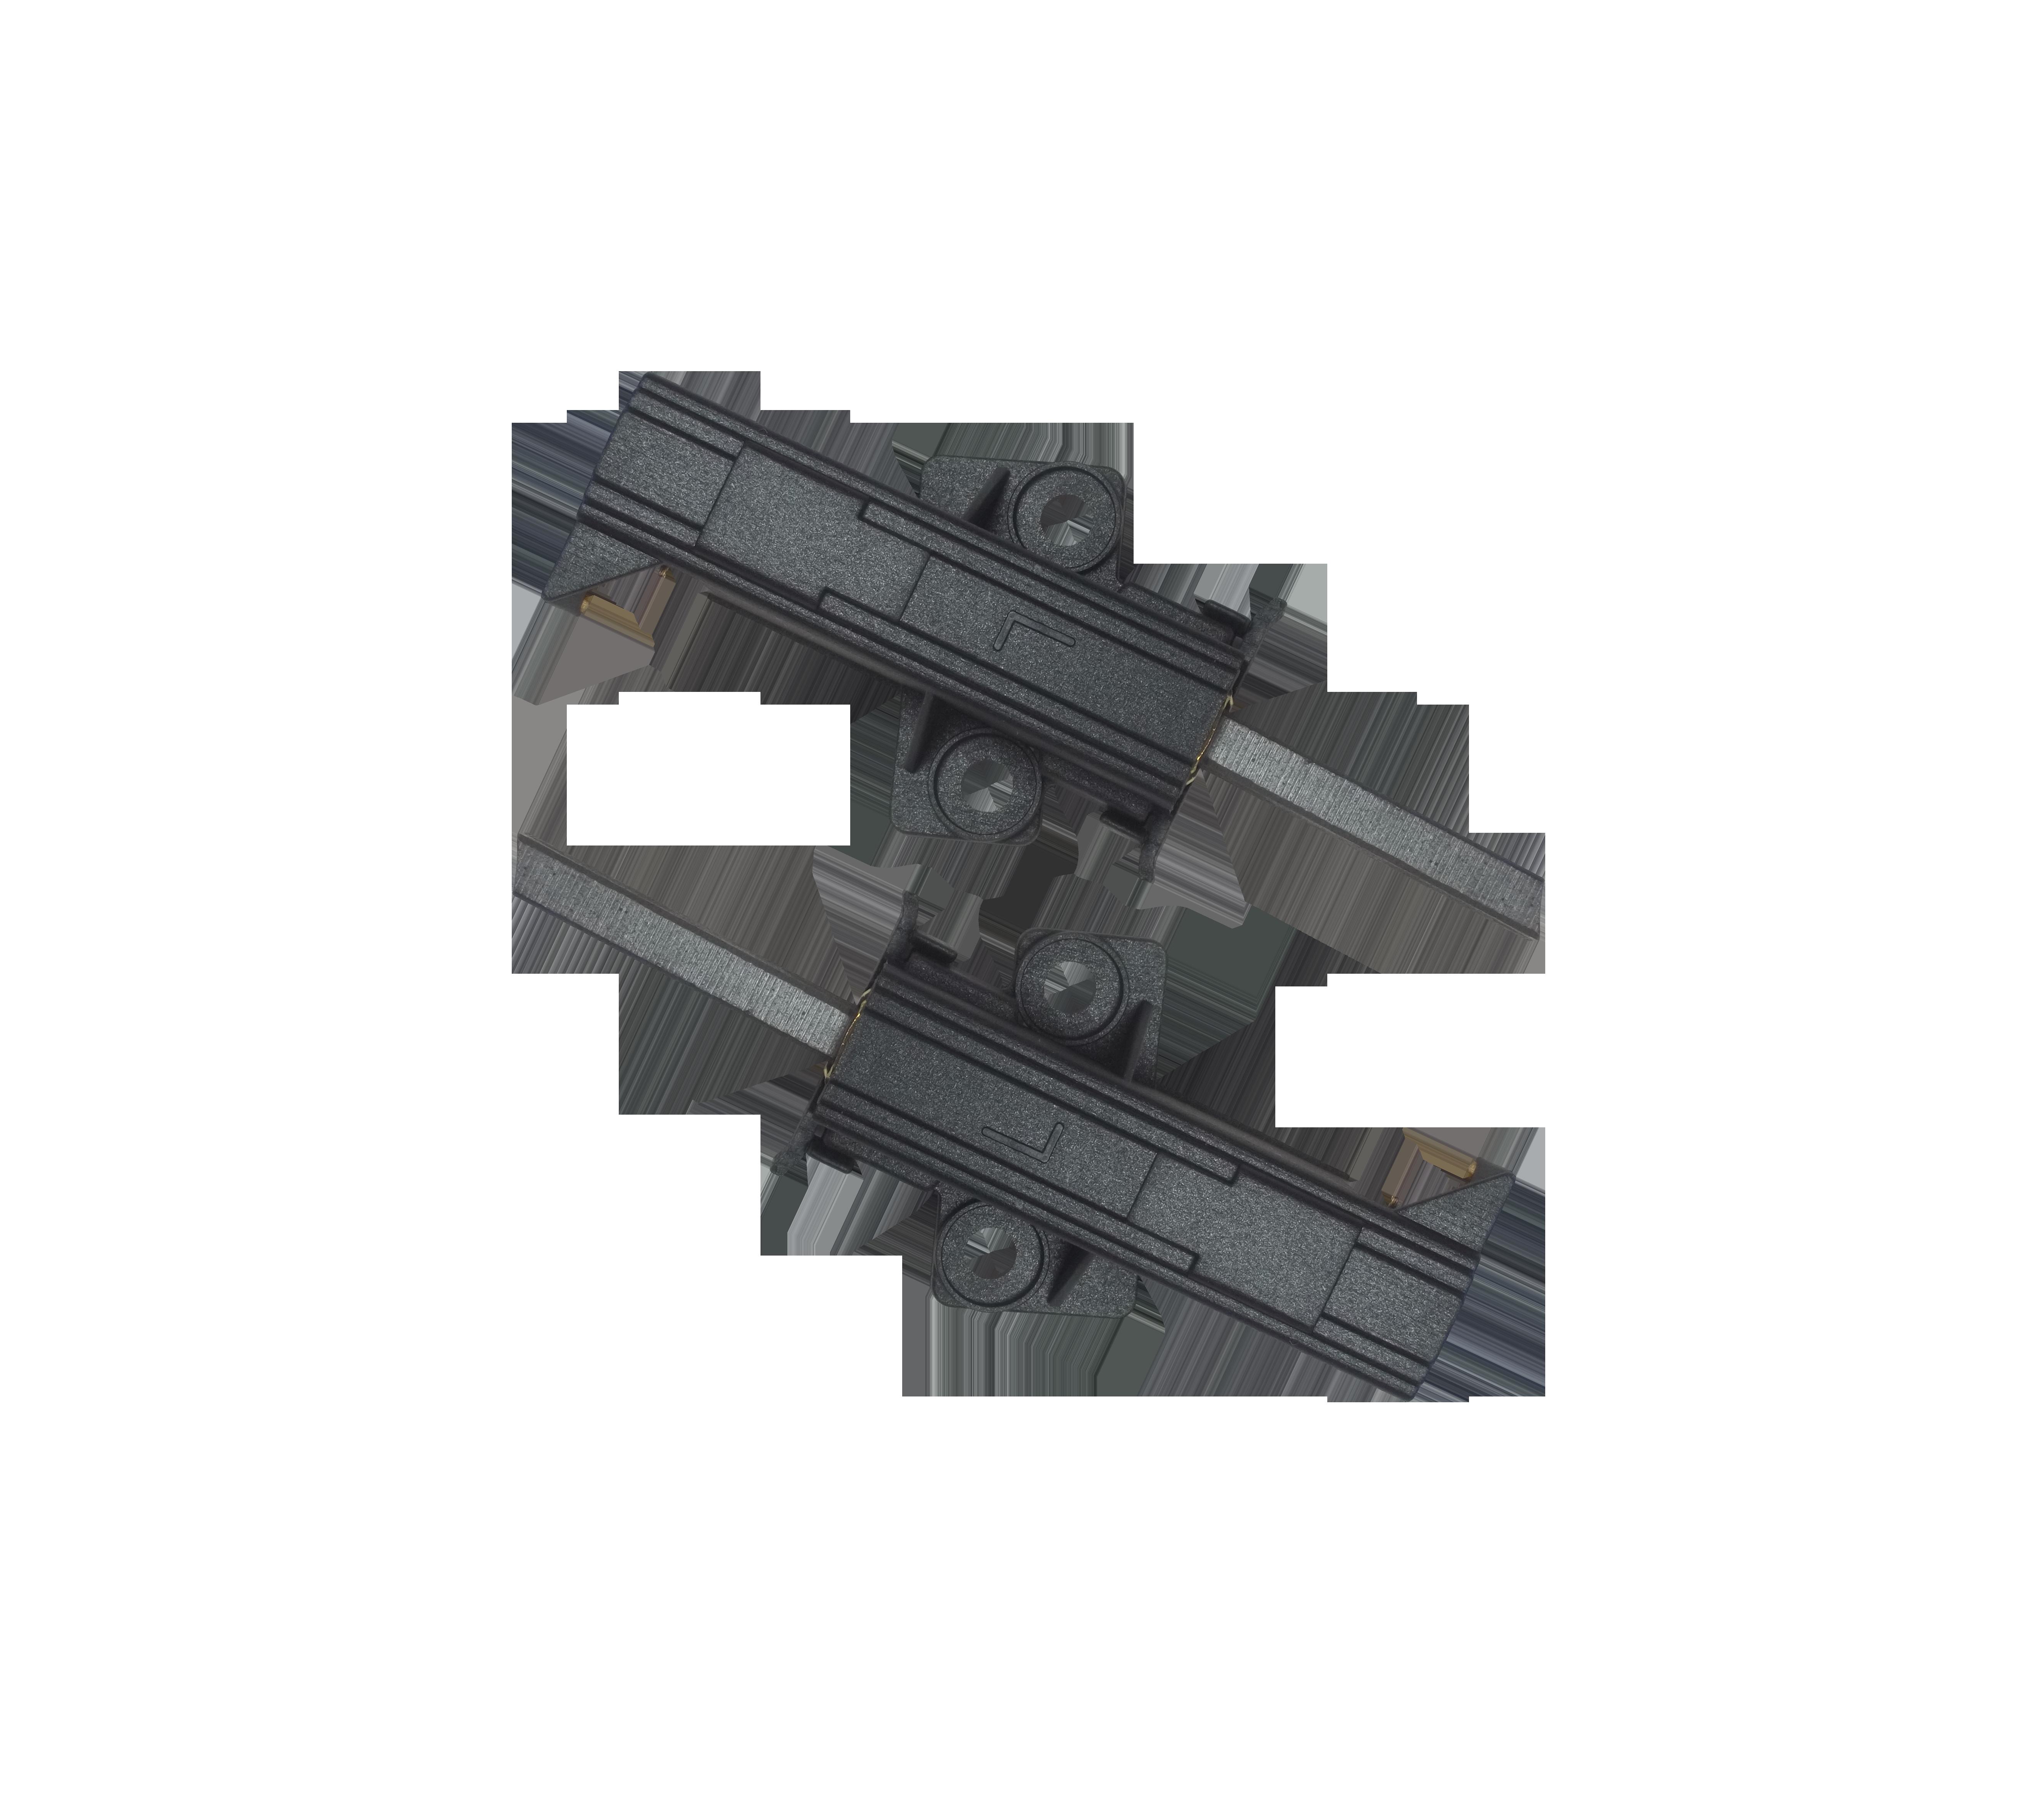 W 1206 W mit Halter L Kohlebürsten Motorkohlen für AEG LAVAMAT W 1200 WS